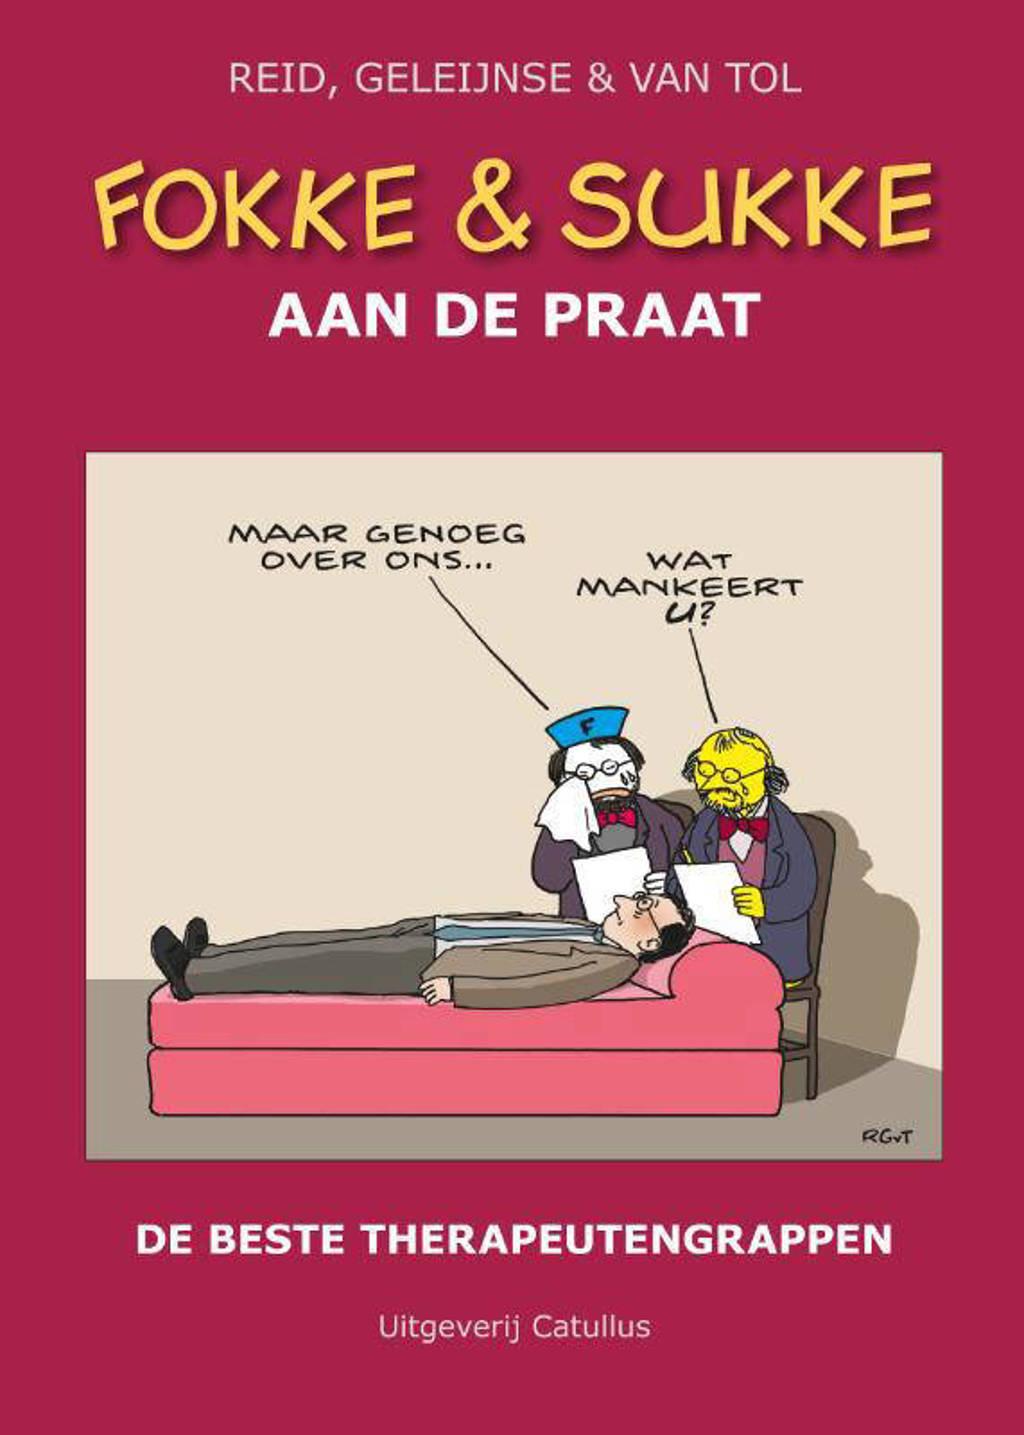 Fokke & Sukke: Aan de praat - John Reid, Bastiaan Geleijnse en Jean-Marc van Tol